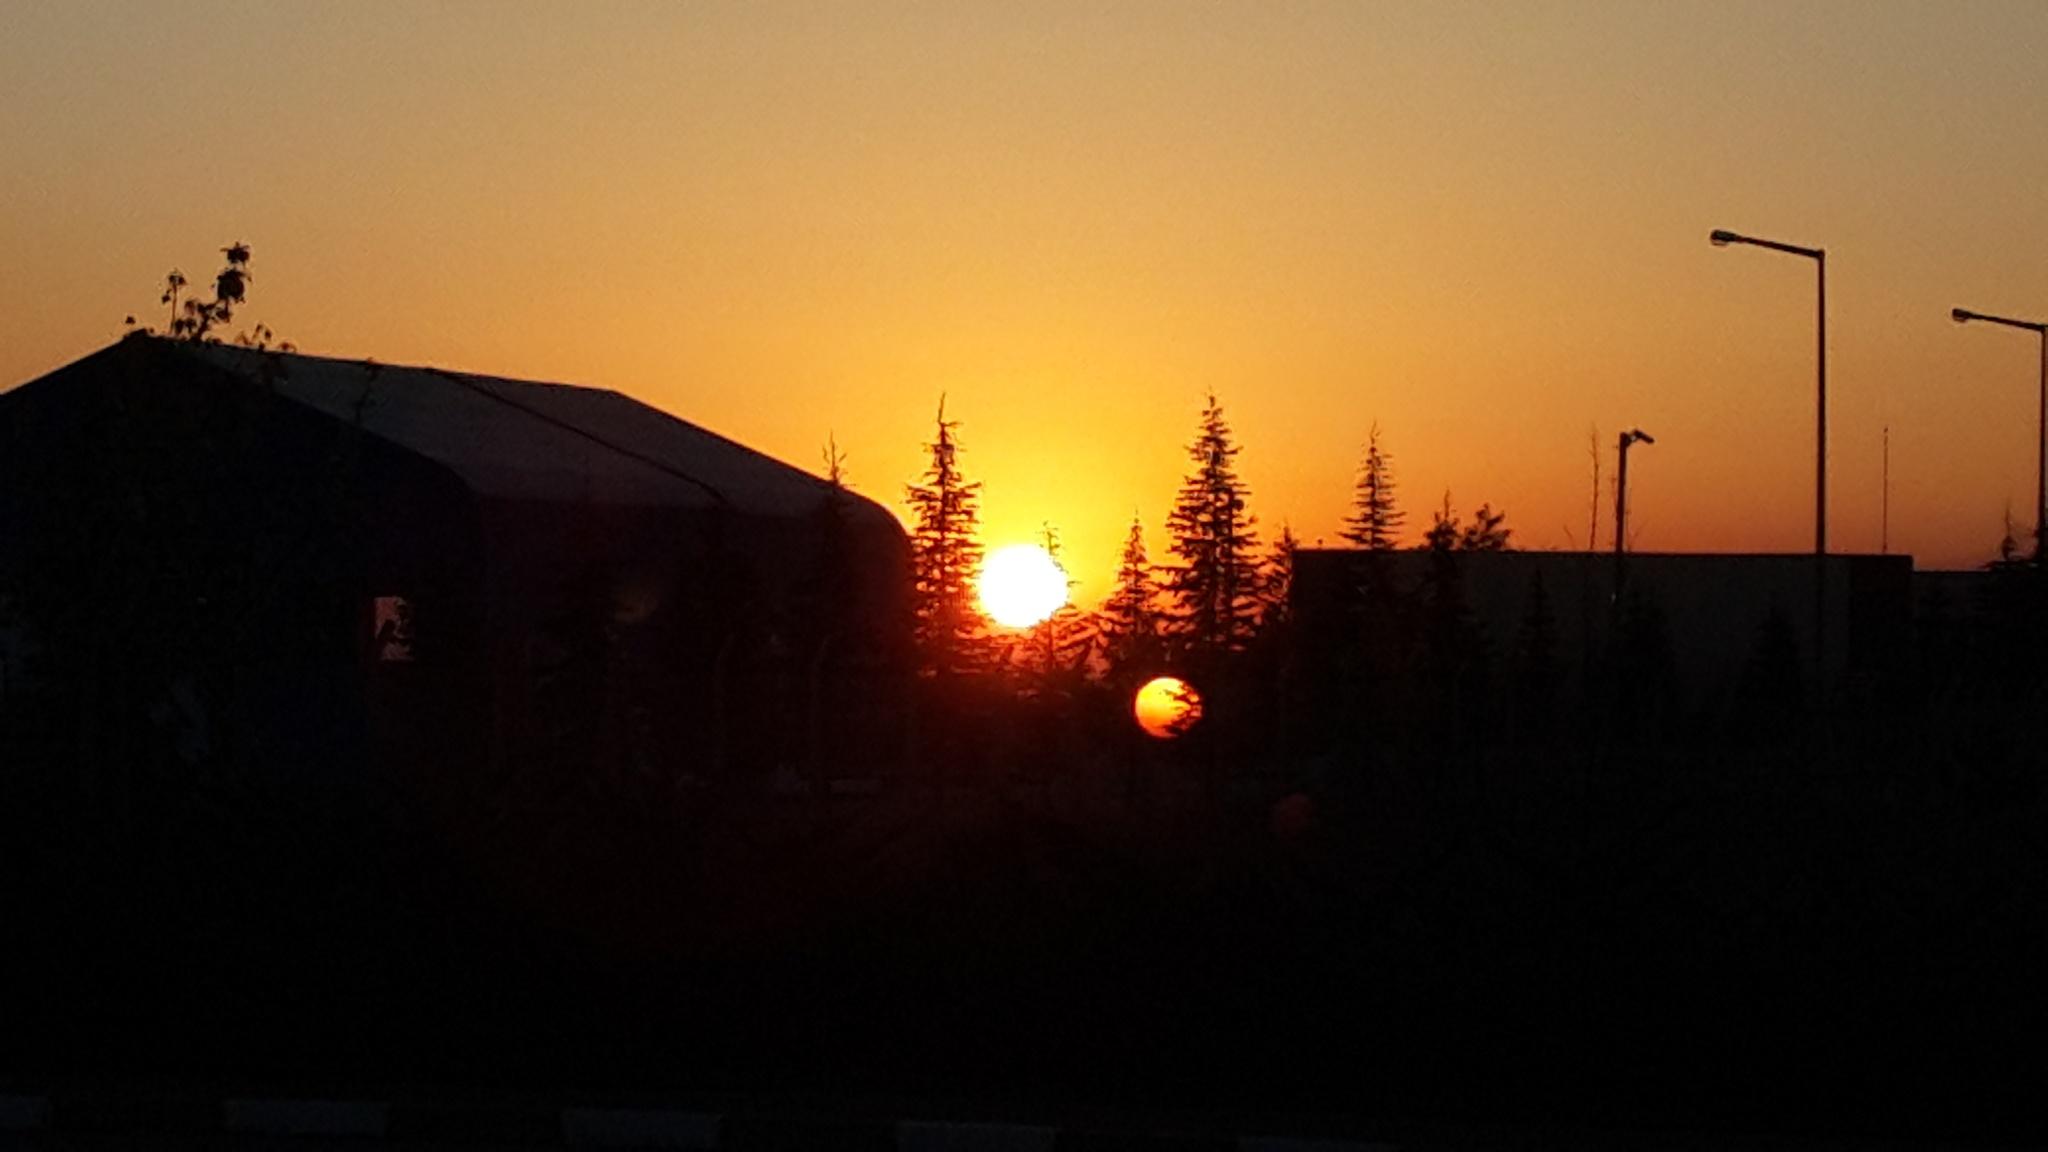 Sun rising. by Danisper